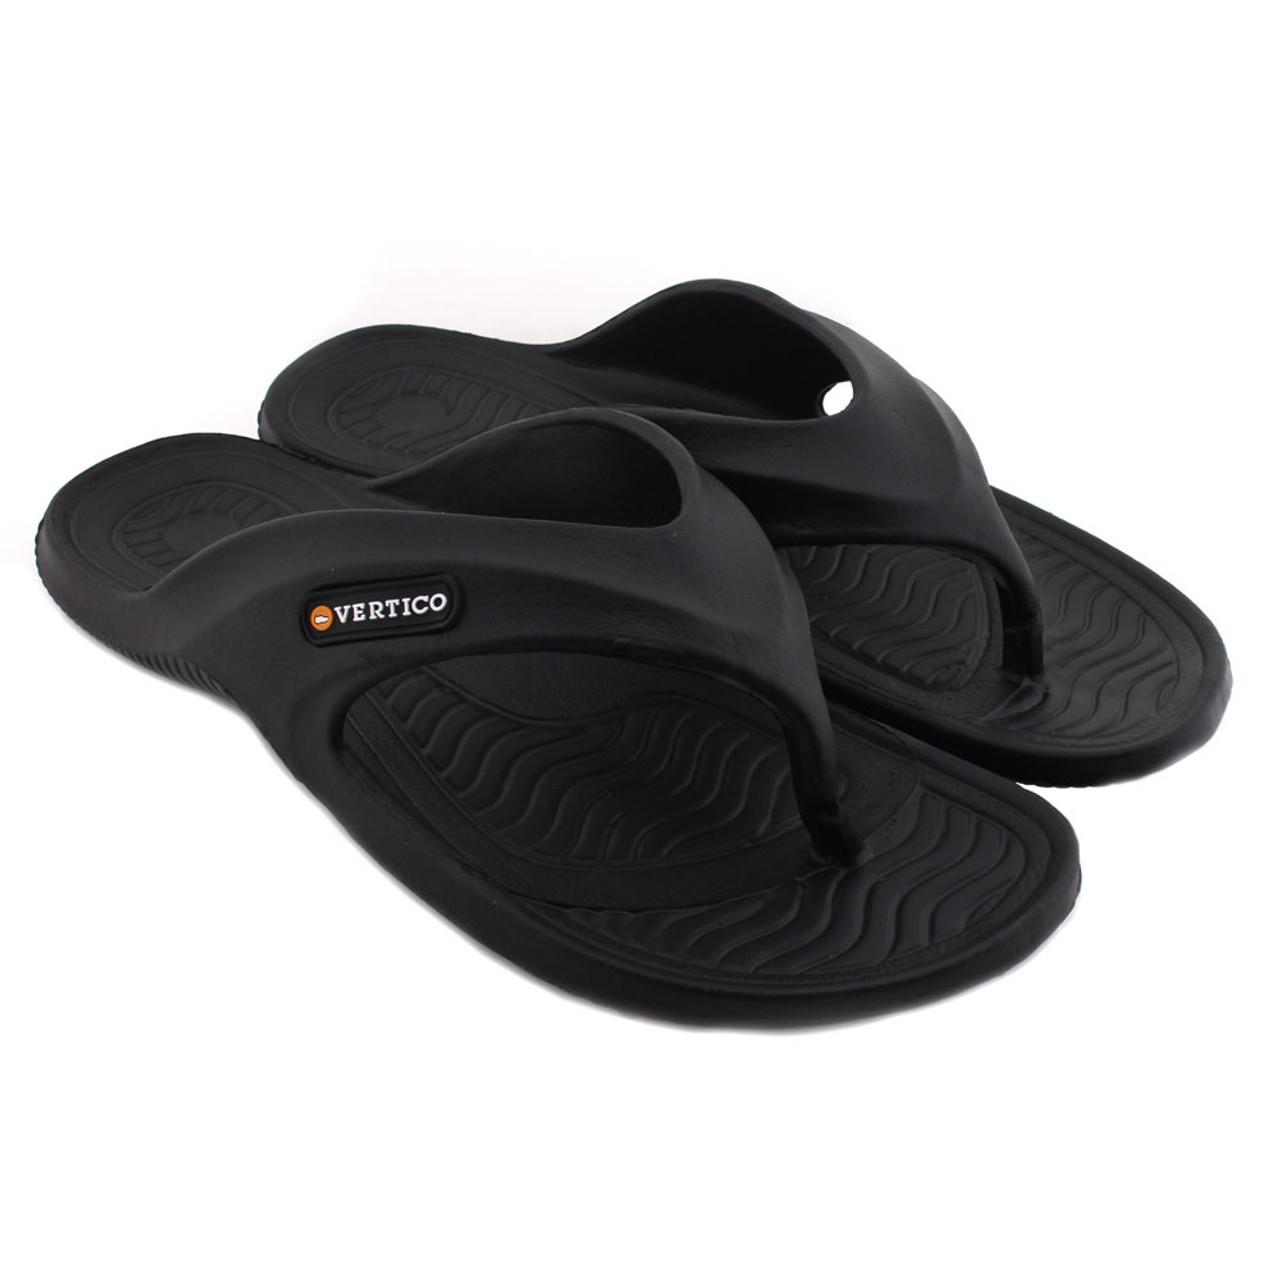 63674ccf9f4 Vertico Shower Sandal - Vertico Footcare Company